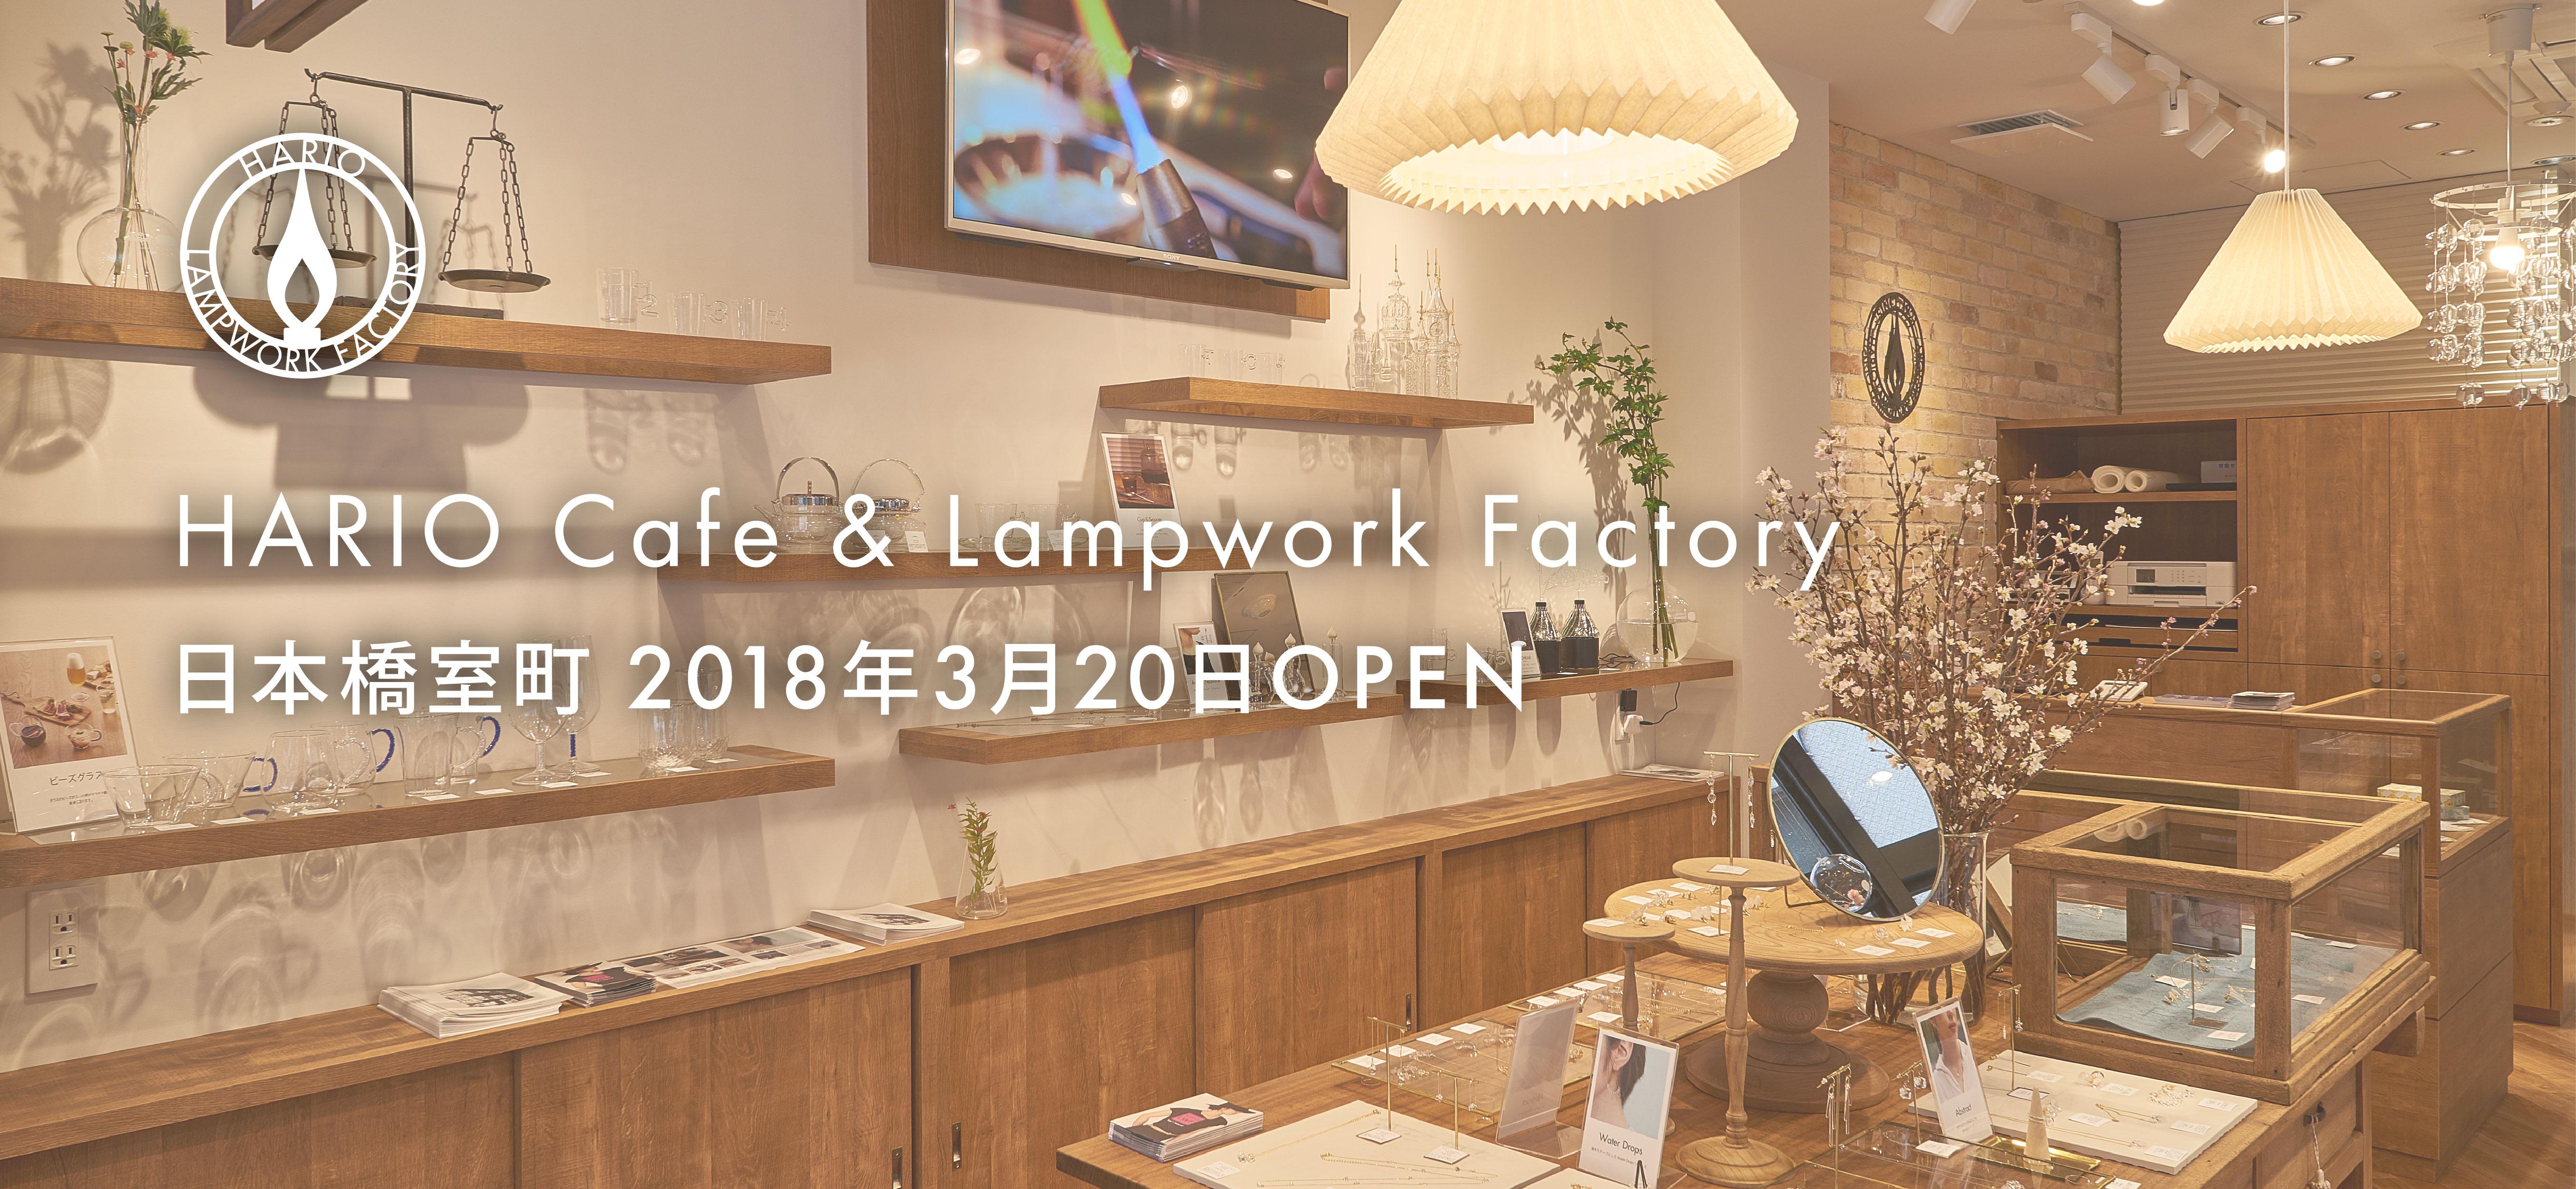 HARIO Lampwork Factory 室町店オープンのお知らせ